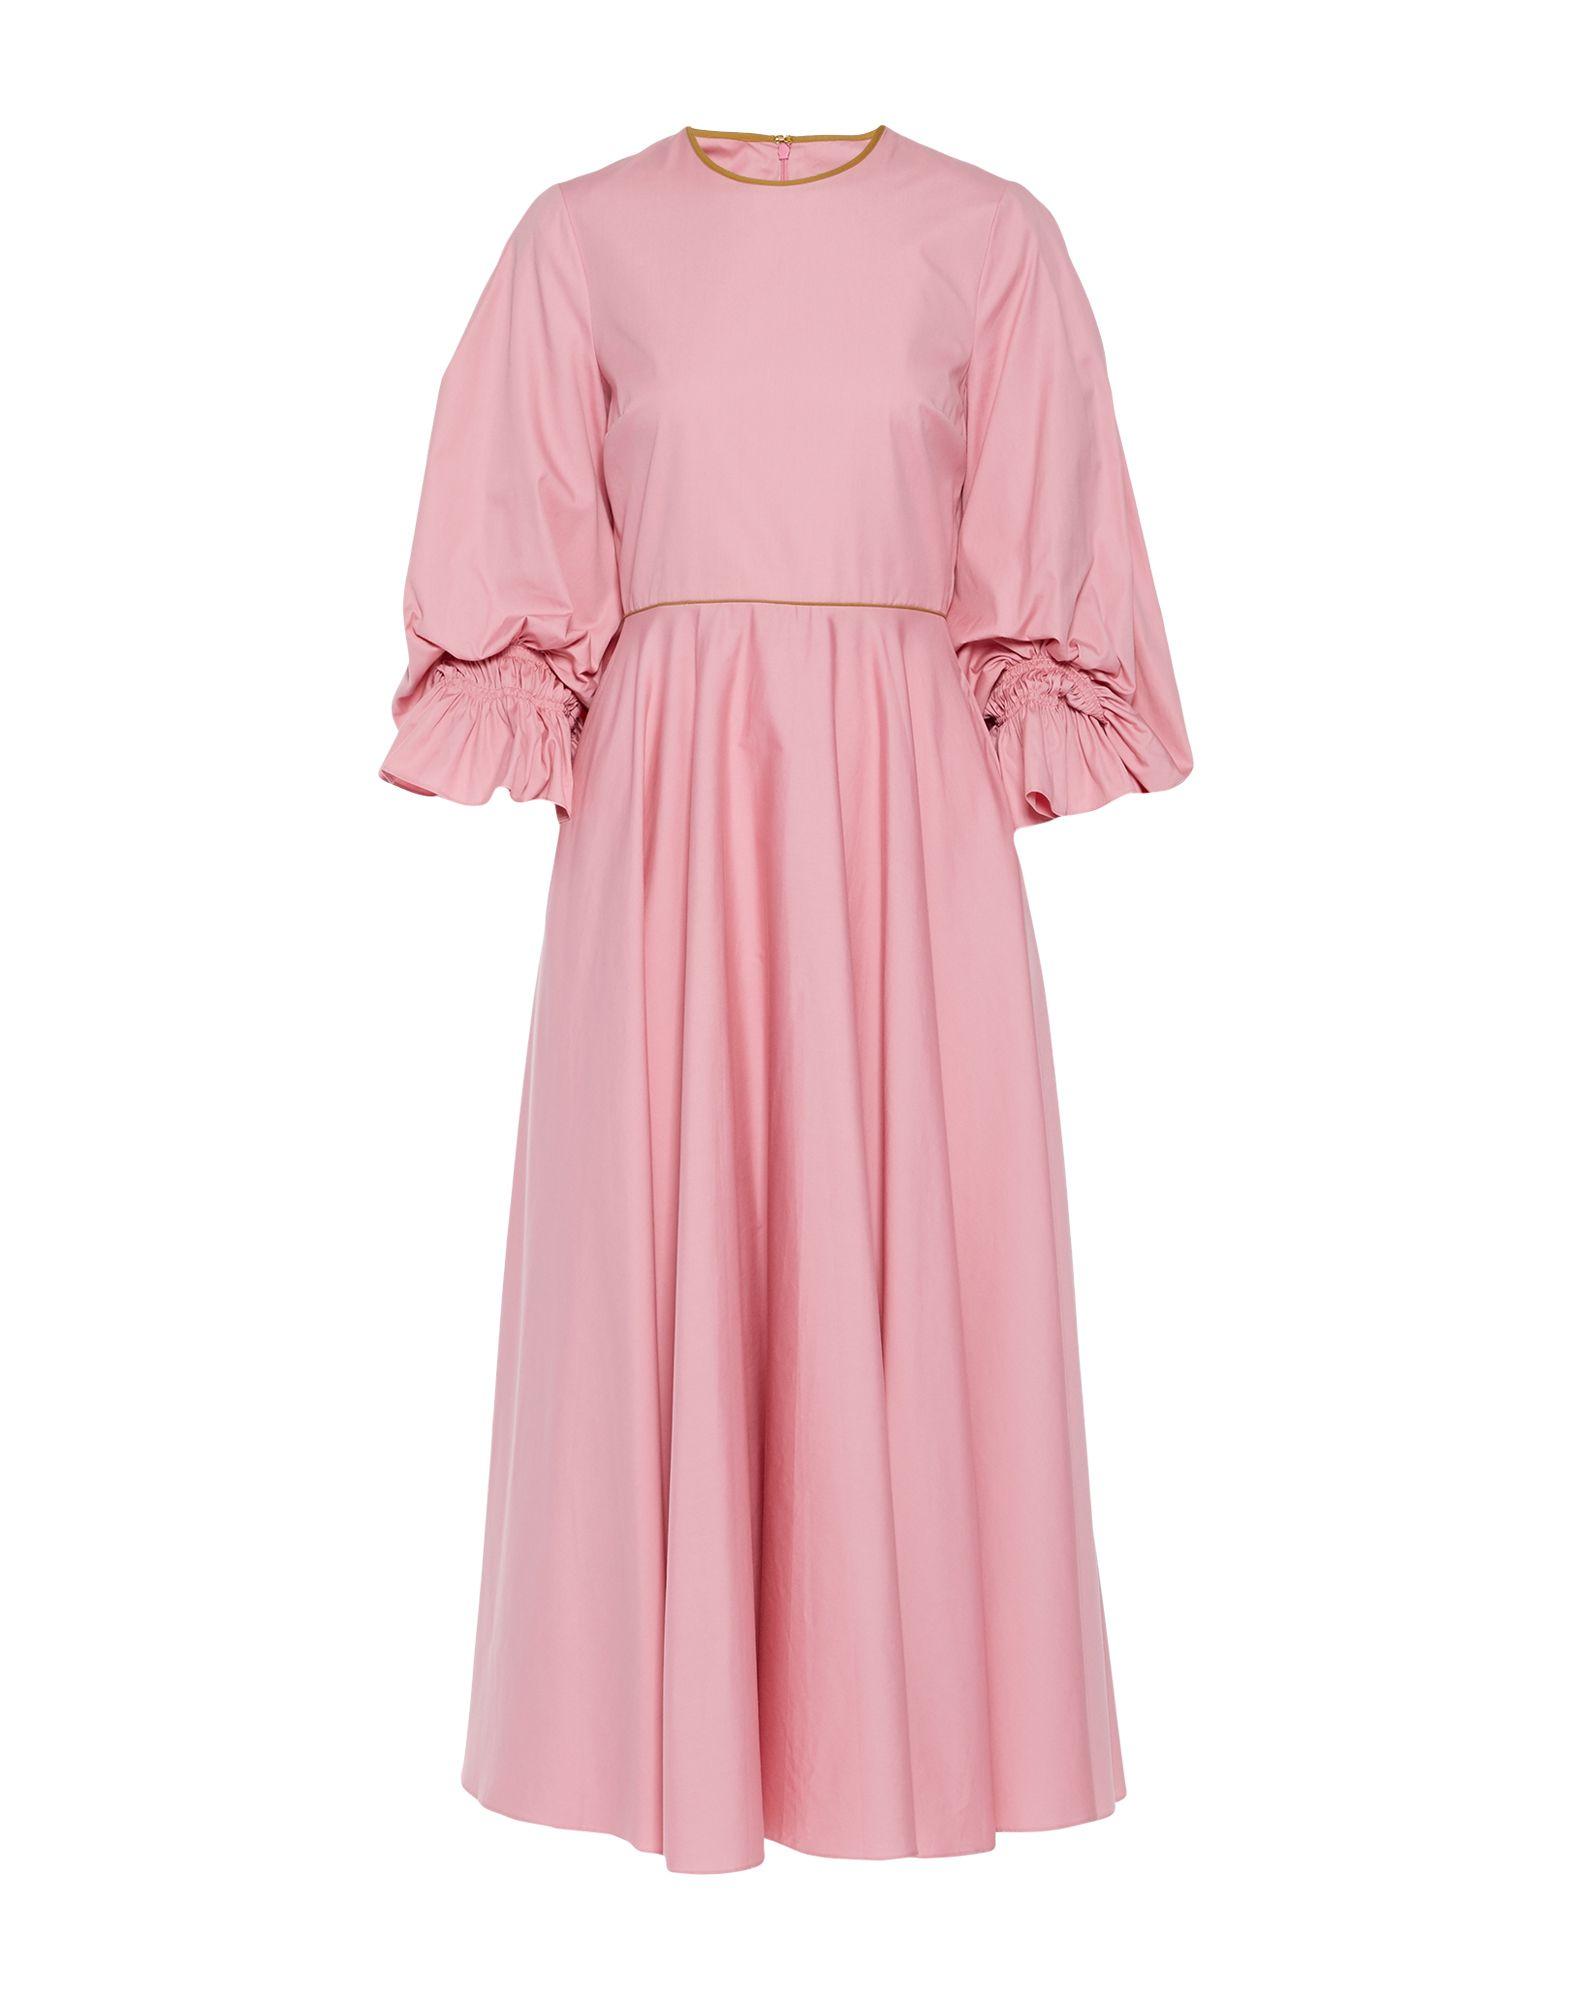 ROKSANDA Платье длиной 3/4 vionnet платье длиной 3 4